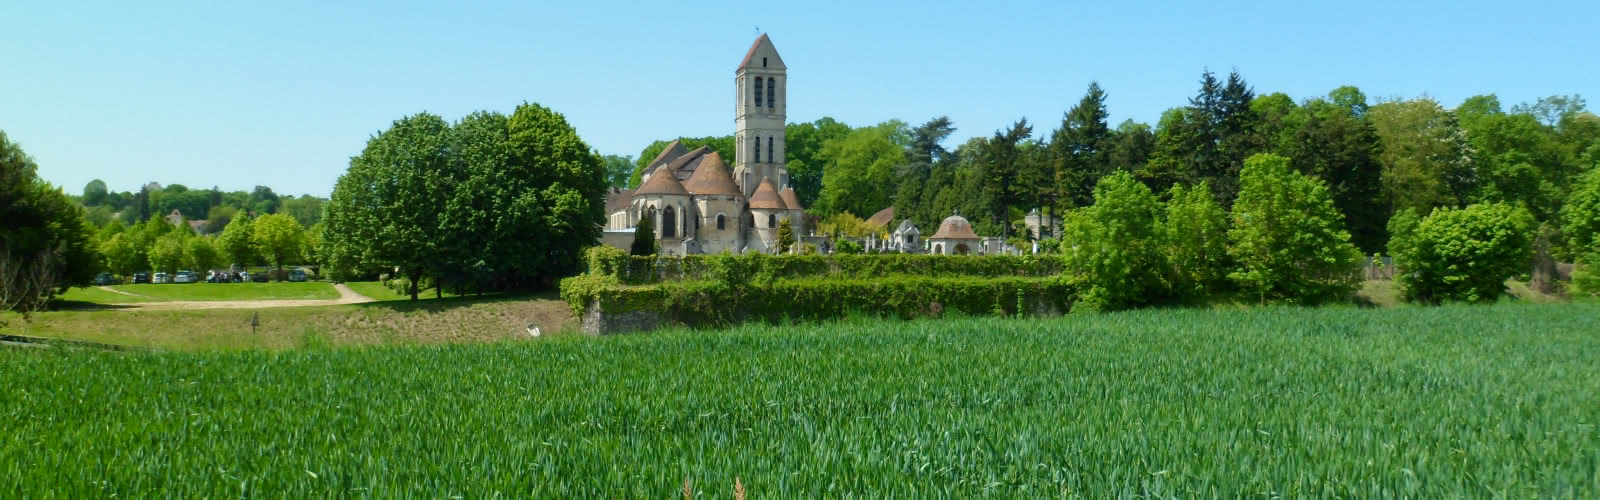 Eglise Saint Côme et Saint Damien